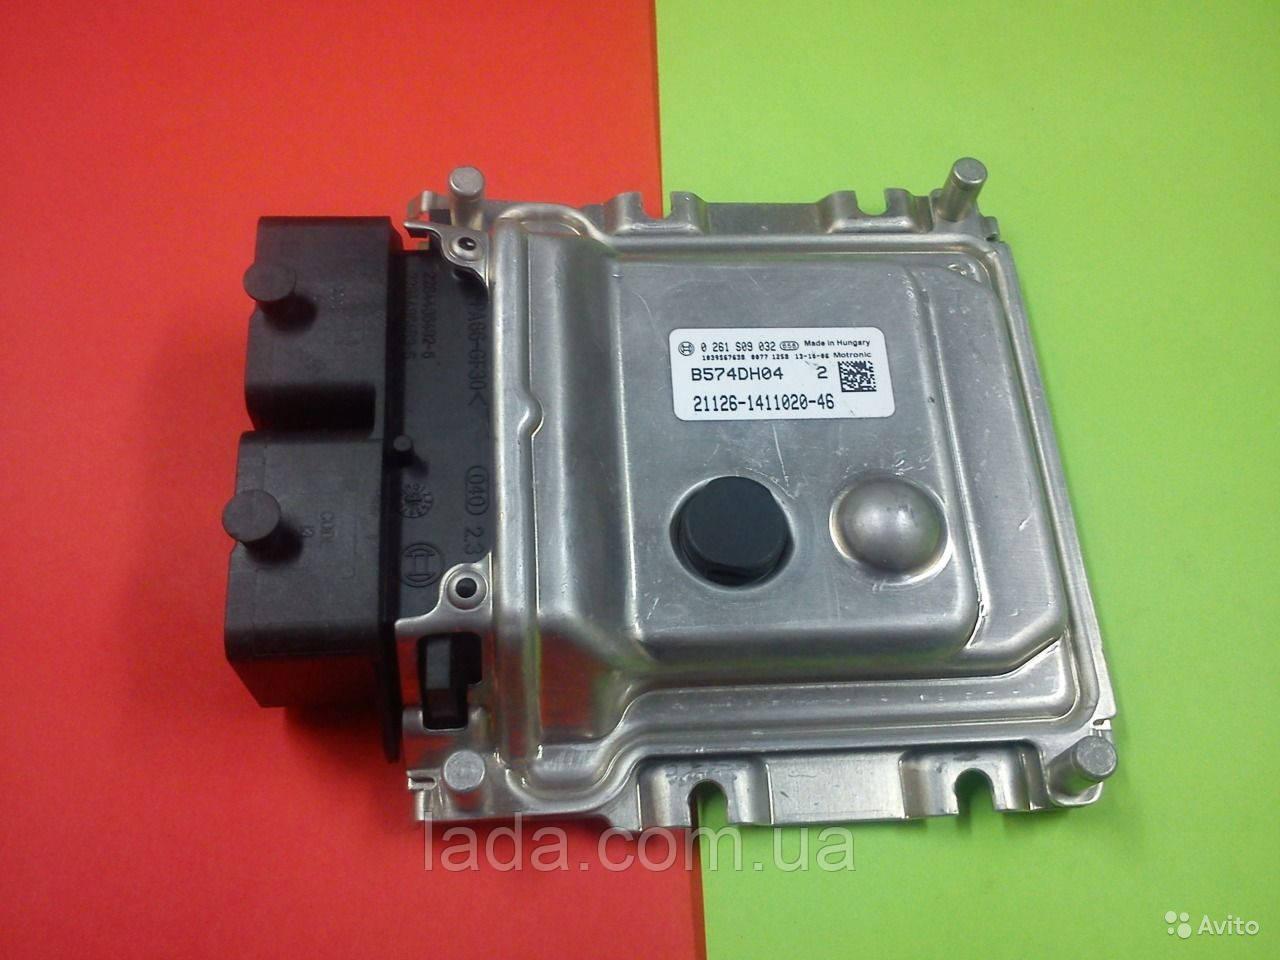 ЭБУ Bosch 21126-1411020-46